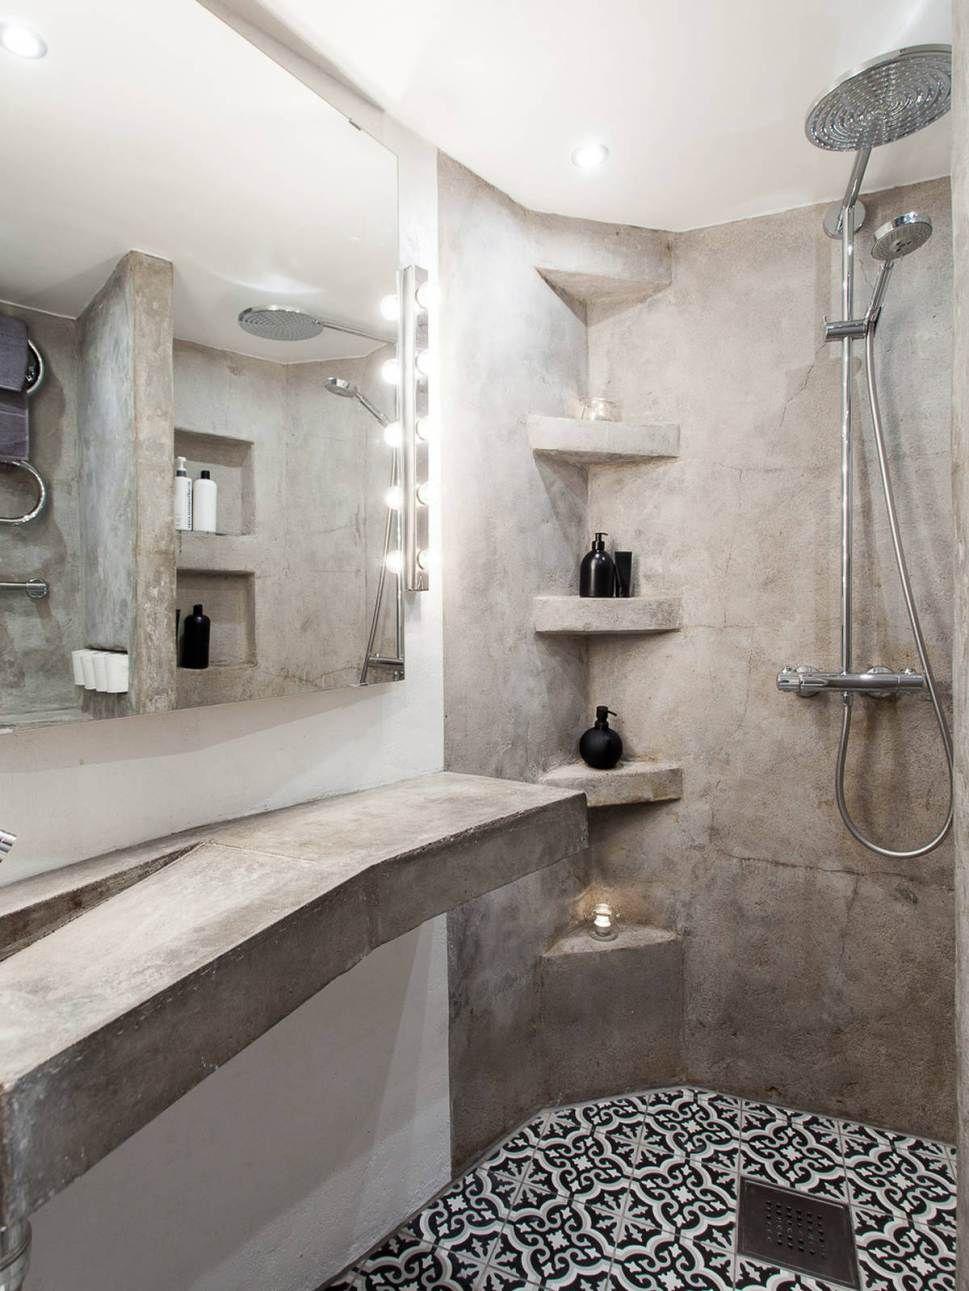 Salle de bain ciment et carreaux de ciment cement for Ciment salle de bain